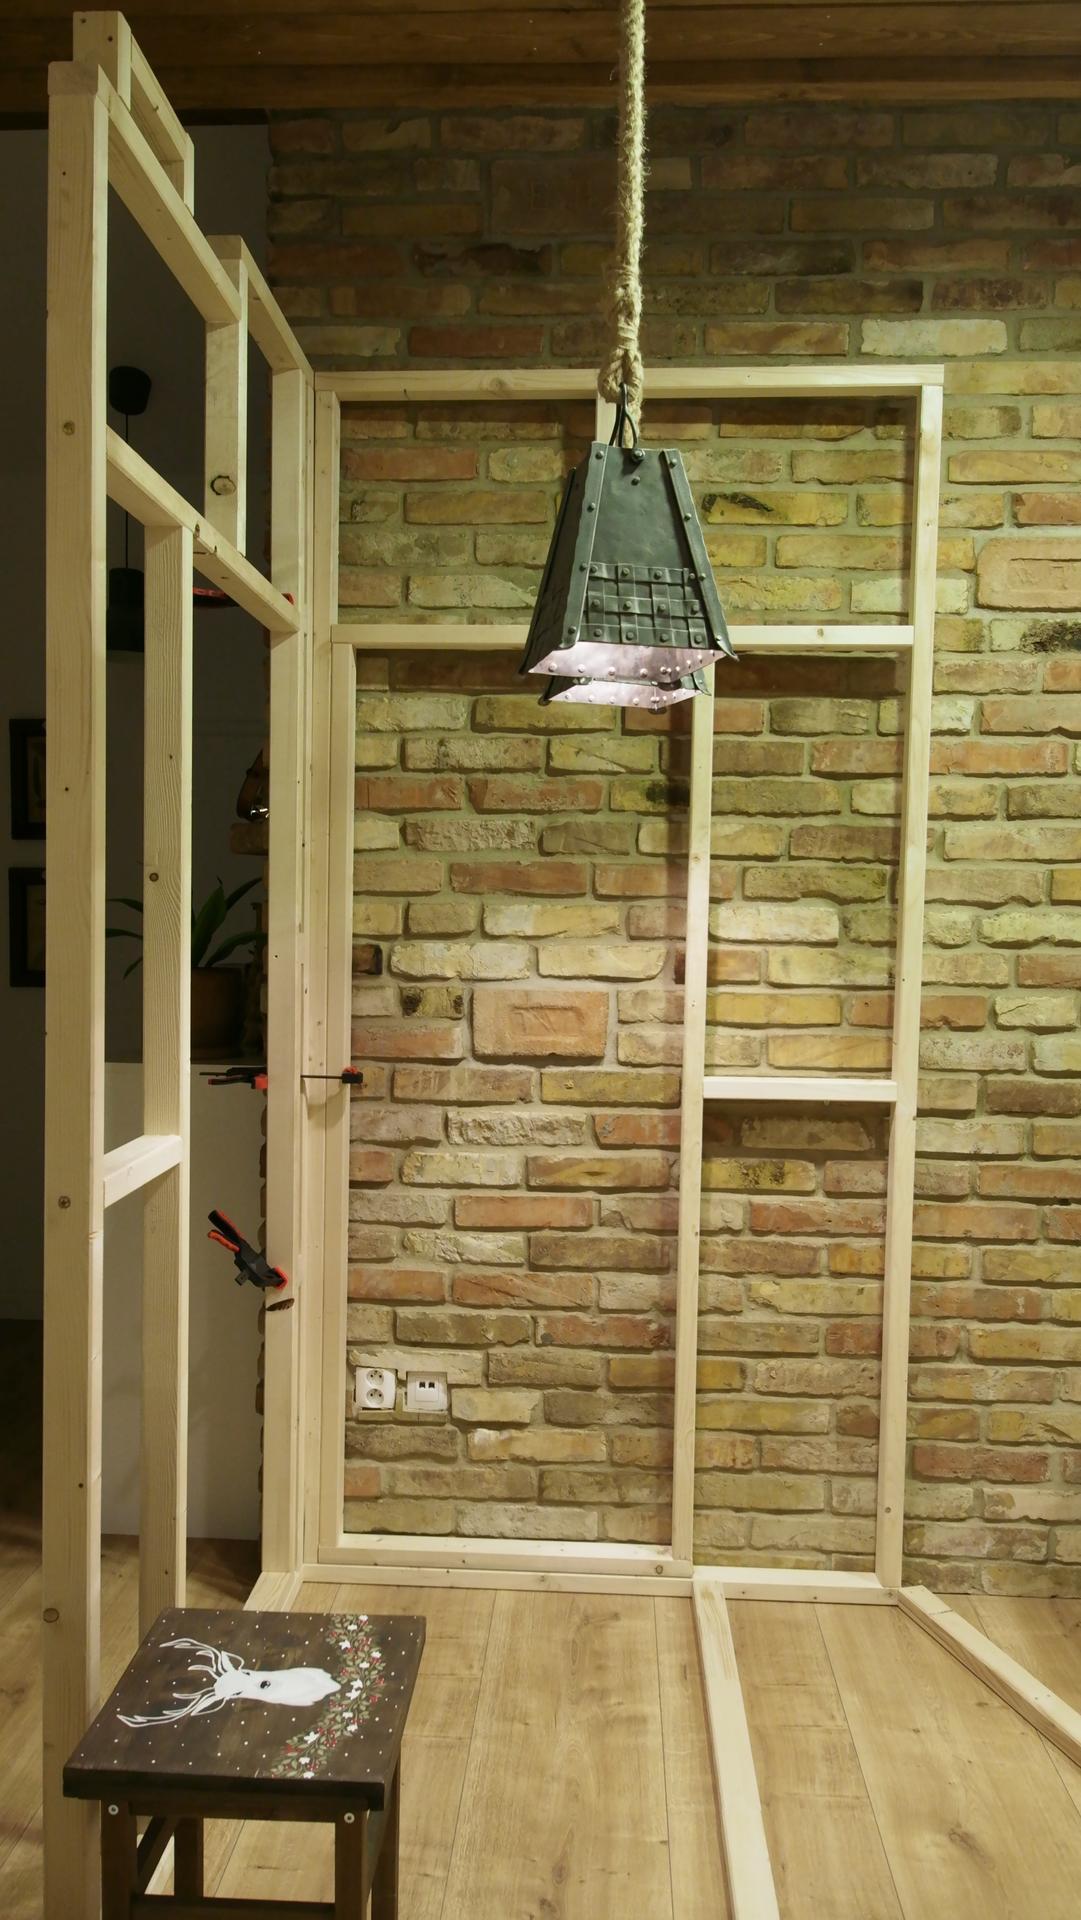 Relaxačný domček sauna a oddychová miestnosť ... plány, príprava a realizácia - Obrázok č. 36